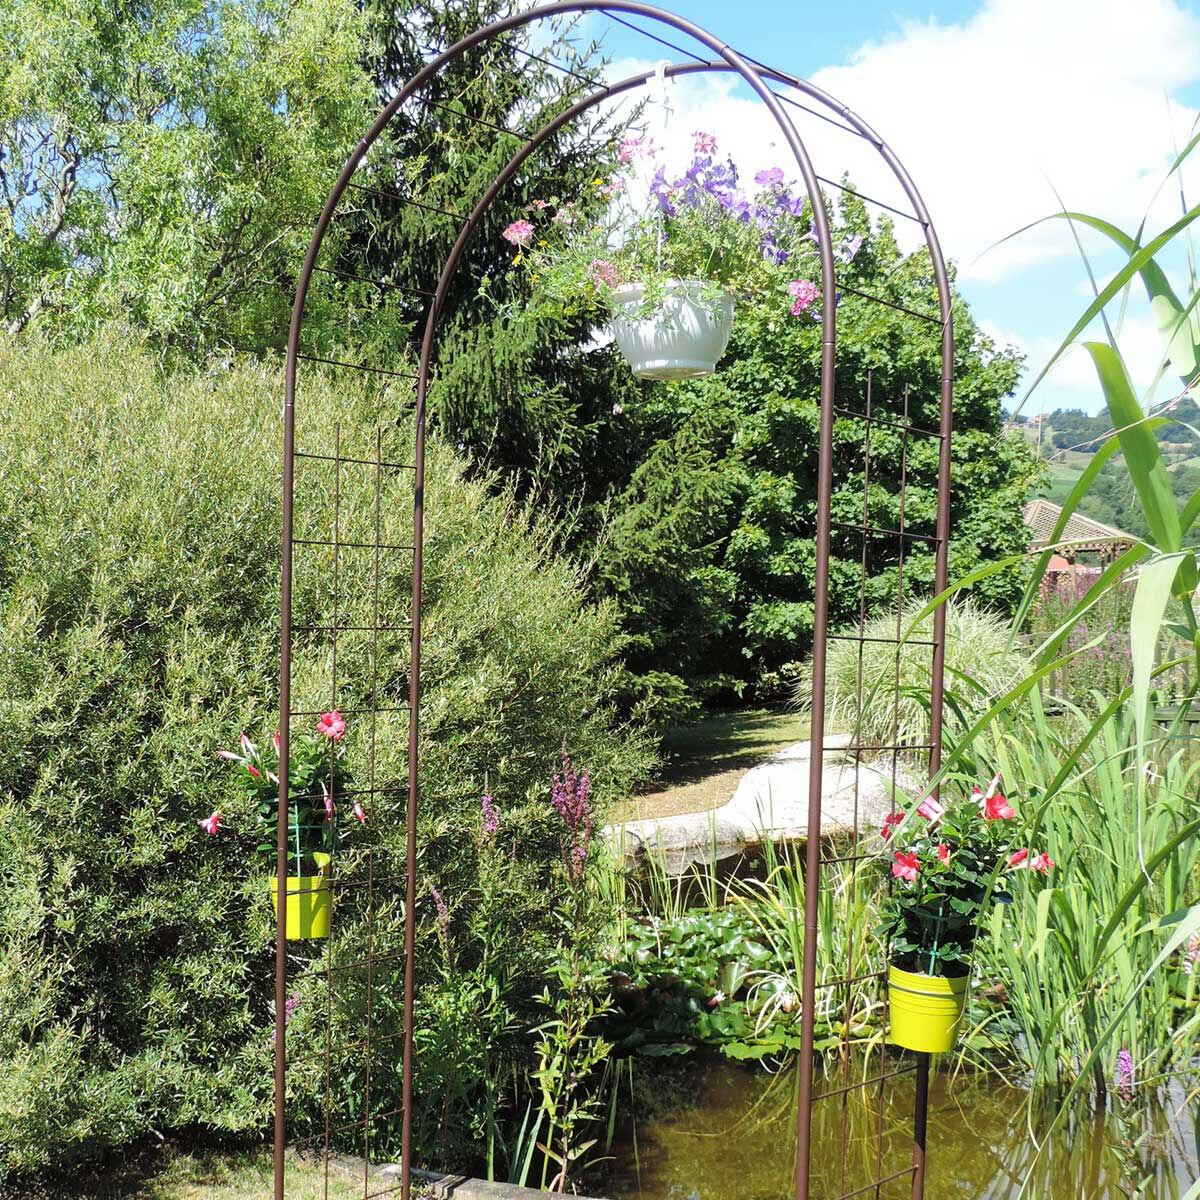 LMOULIN Arche de jardin treillage en fer petit modèle - Louis Moulin